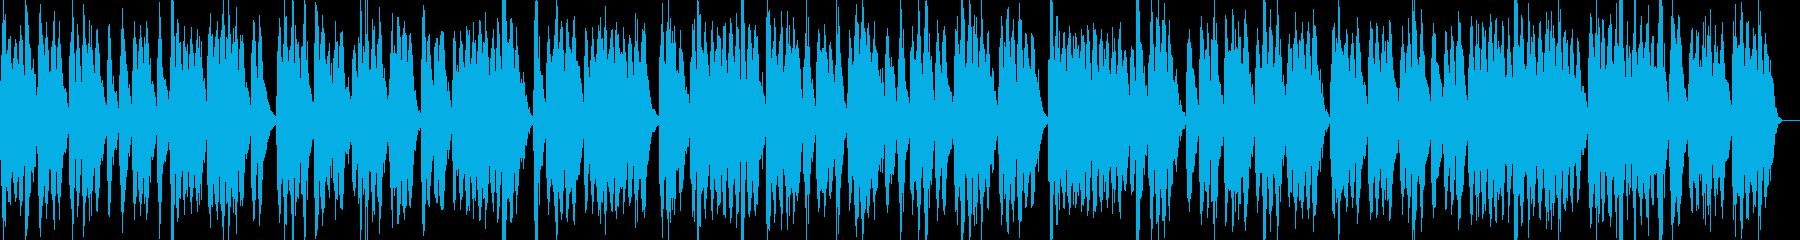 80年代のSFにありそうな宇宙船の環境音の再生済みの波形